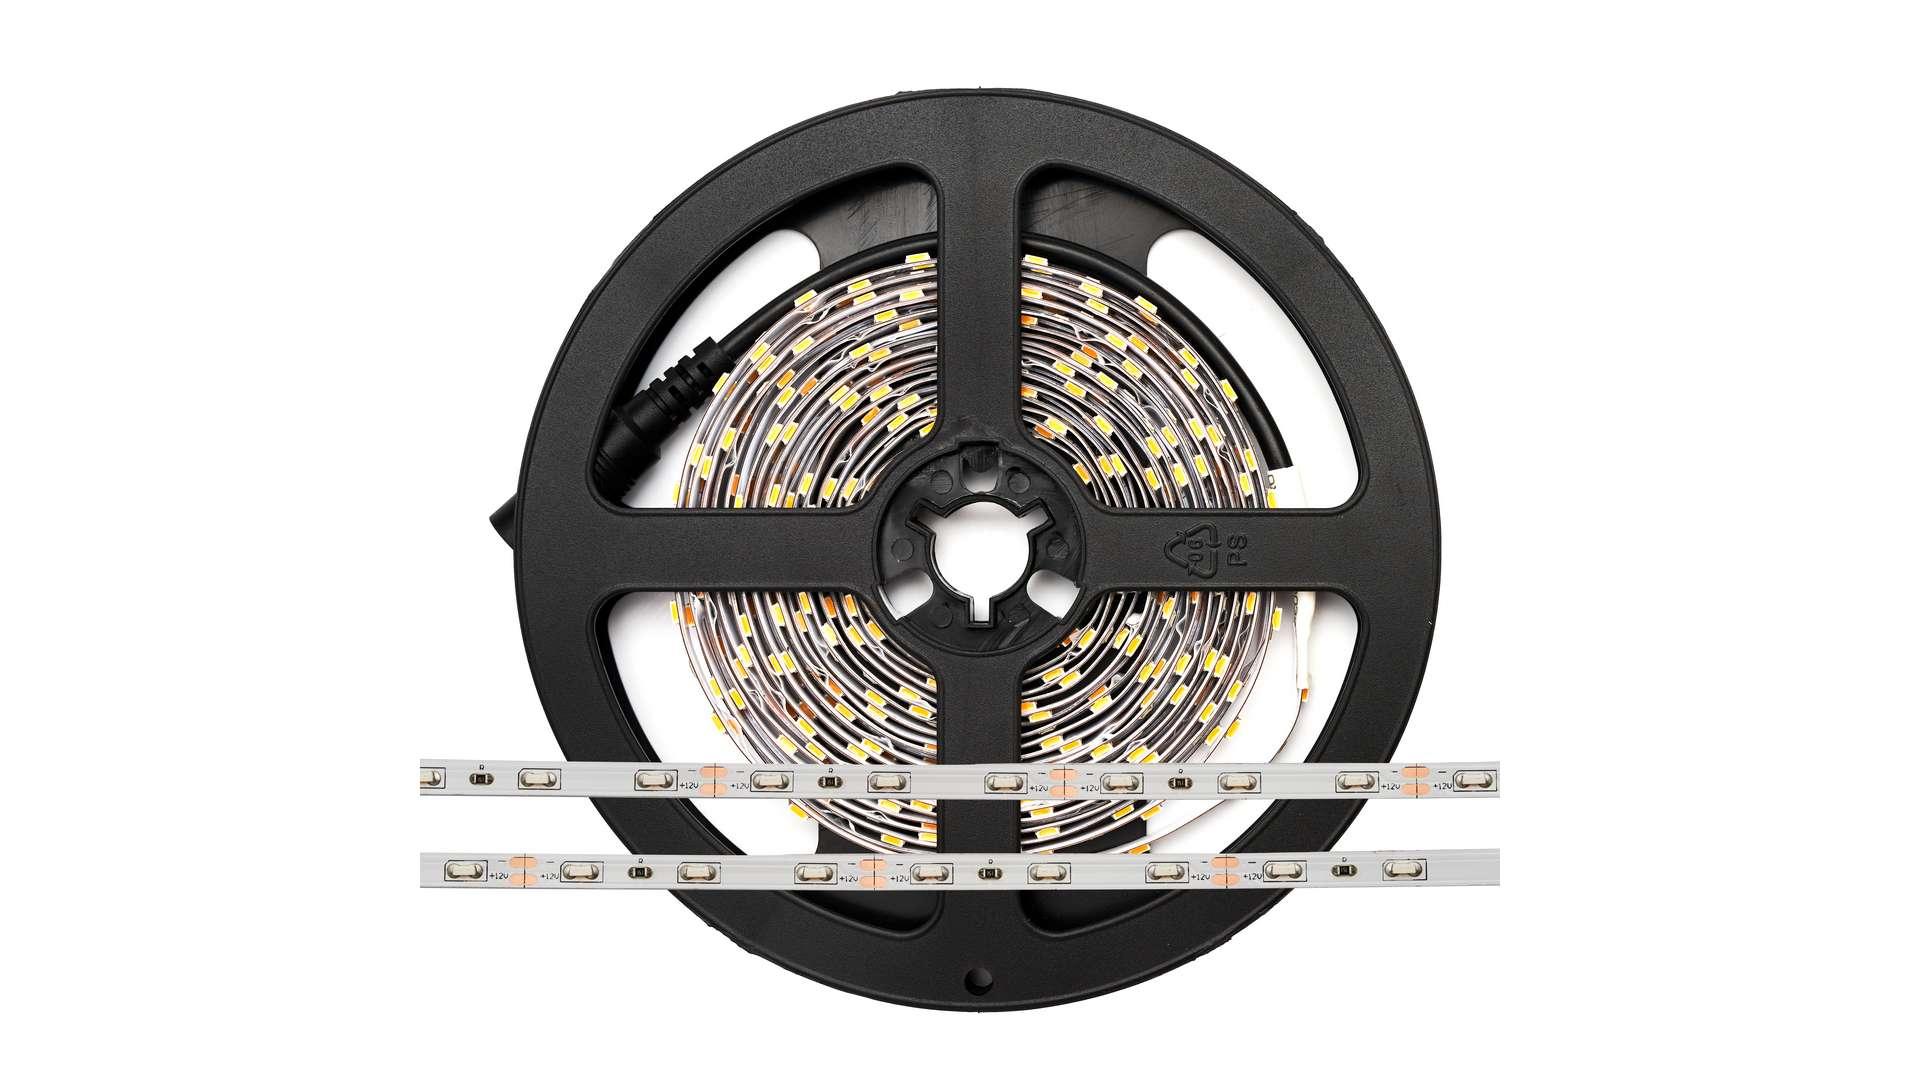 Taśma boczna 300 LED 60 LED/m 335 SMD, Neutralna